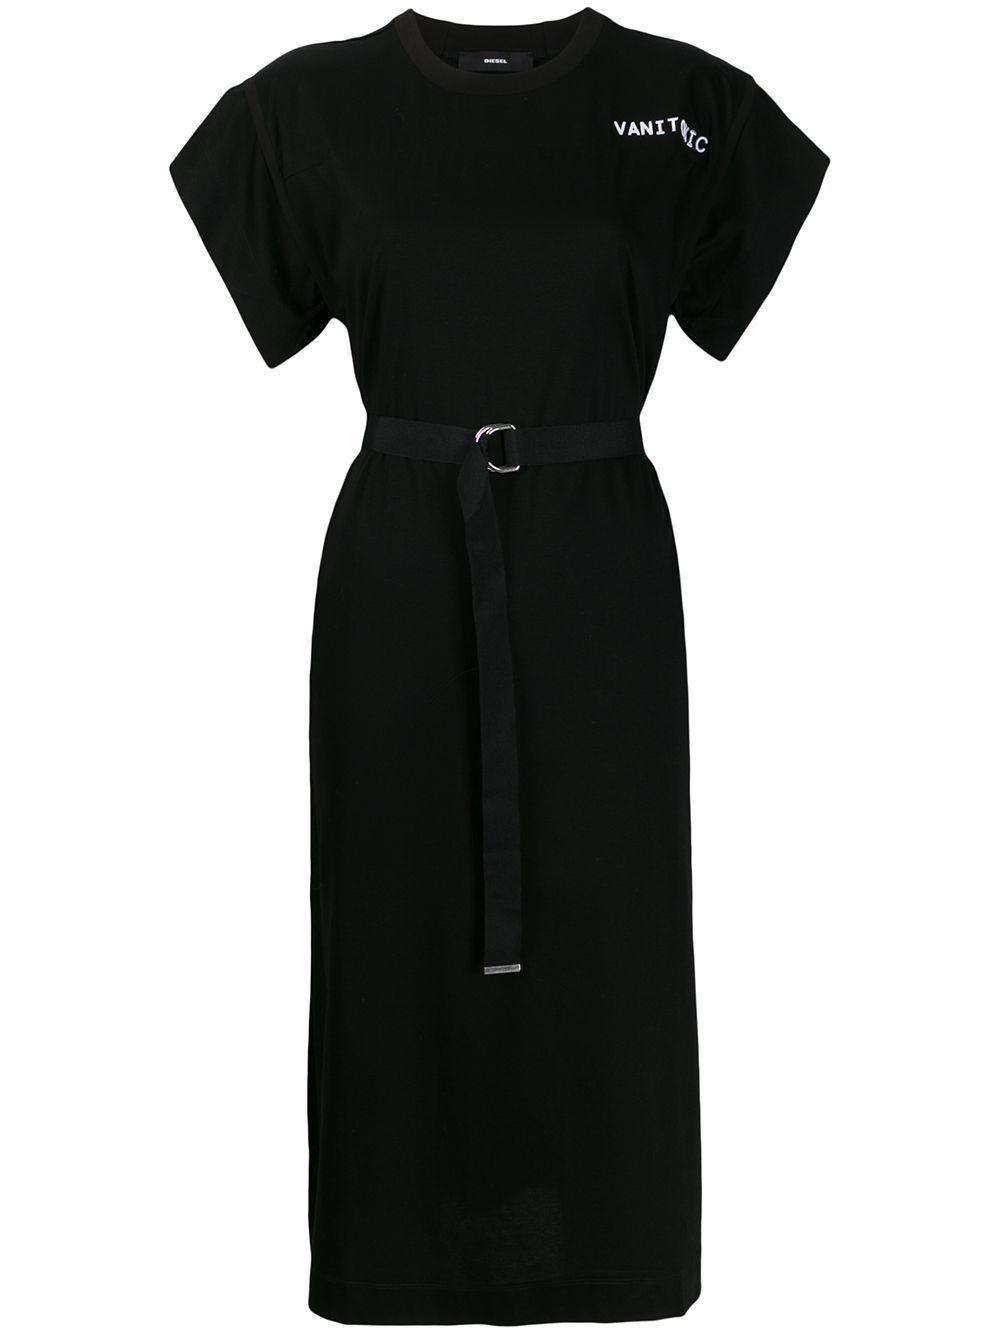 Diesel D Flix T Shirt Dress Farfetch T Shirt Dress Shirt Dress Black Shirt Dress [ 1334 x 1000 Pixel ]